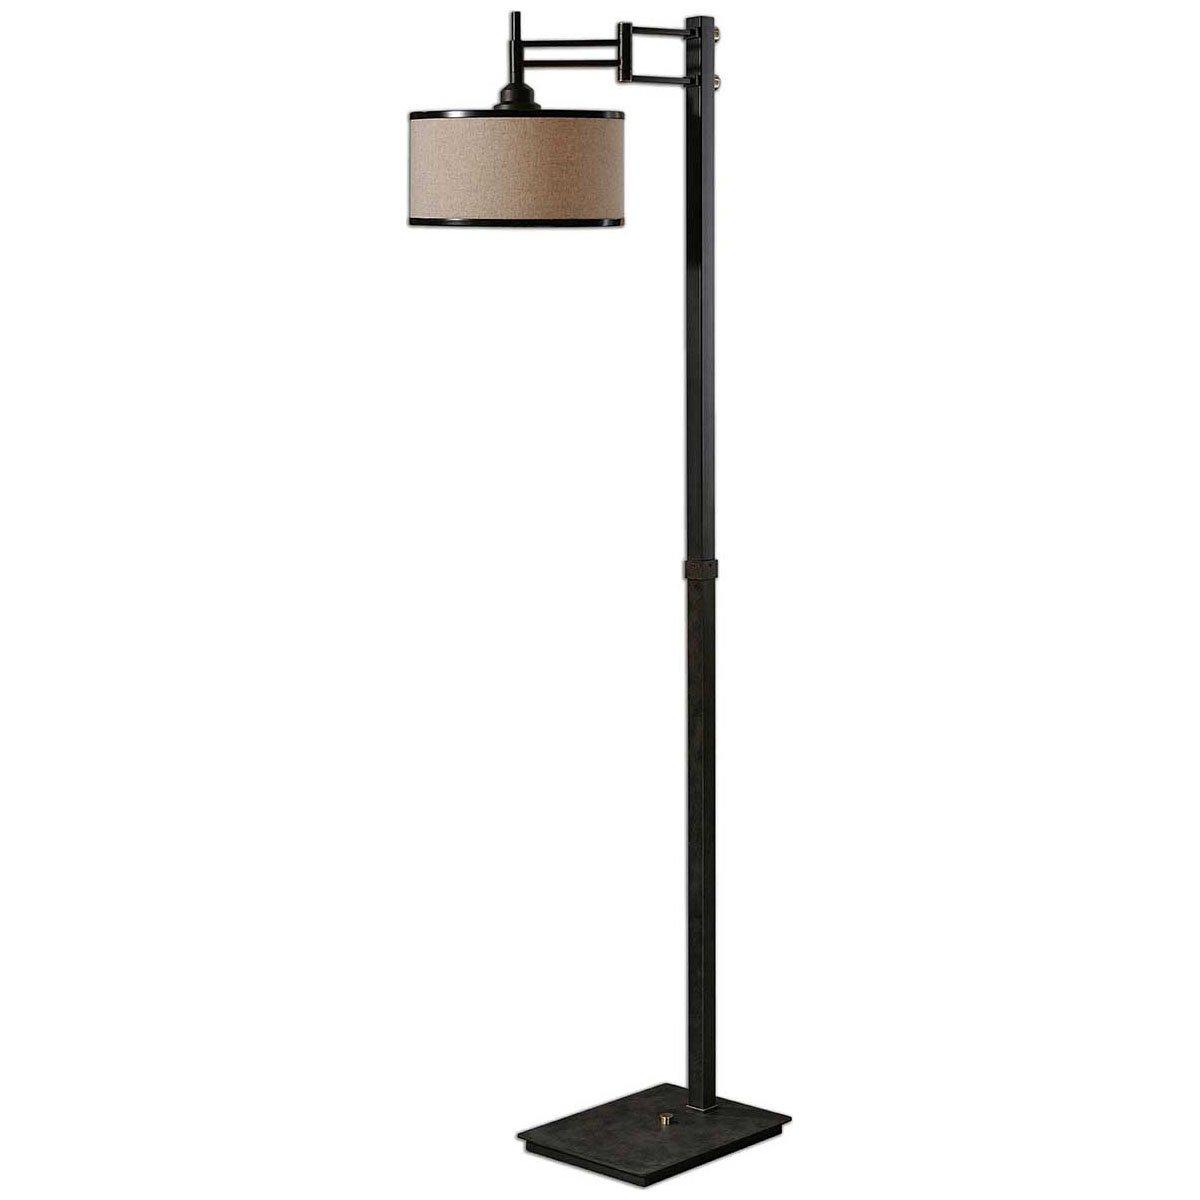 Uttermost 28587-1 Prescott Metal Floor Lamp